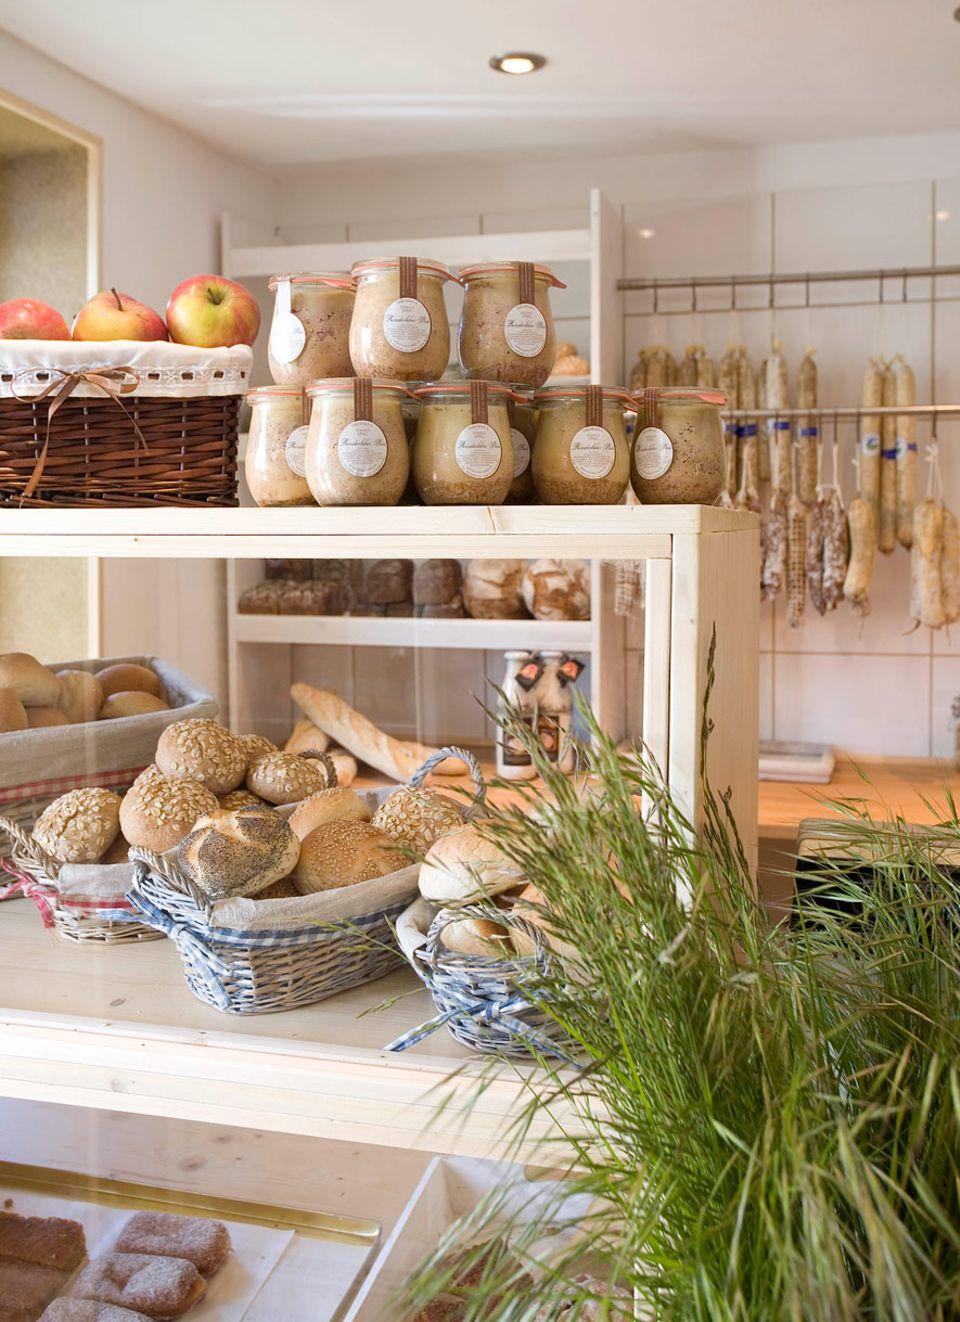 """Insel Öhe: Der hauseigene Bio-Laden ist gefüllt mit Salami, Pasteten und Rinder-Rillette made in Rügen. Feinkost-Metzger Marcus Bauermann von der """"Rügener Landschlachterei"""" in Parchtitz verarbeitet das Fleisch der Öhe-Bio-Rinder zu Spitzen-Produkten"""